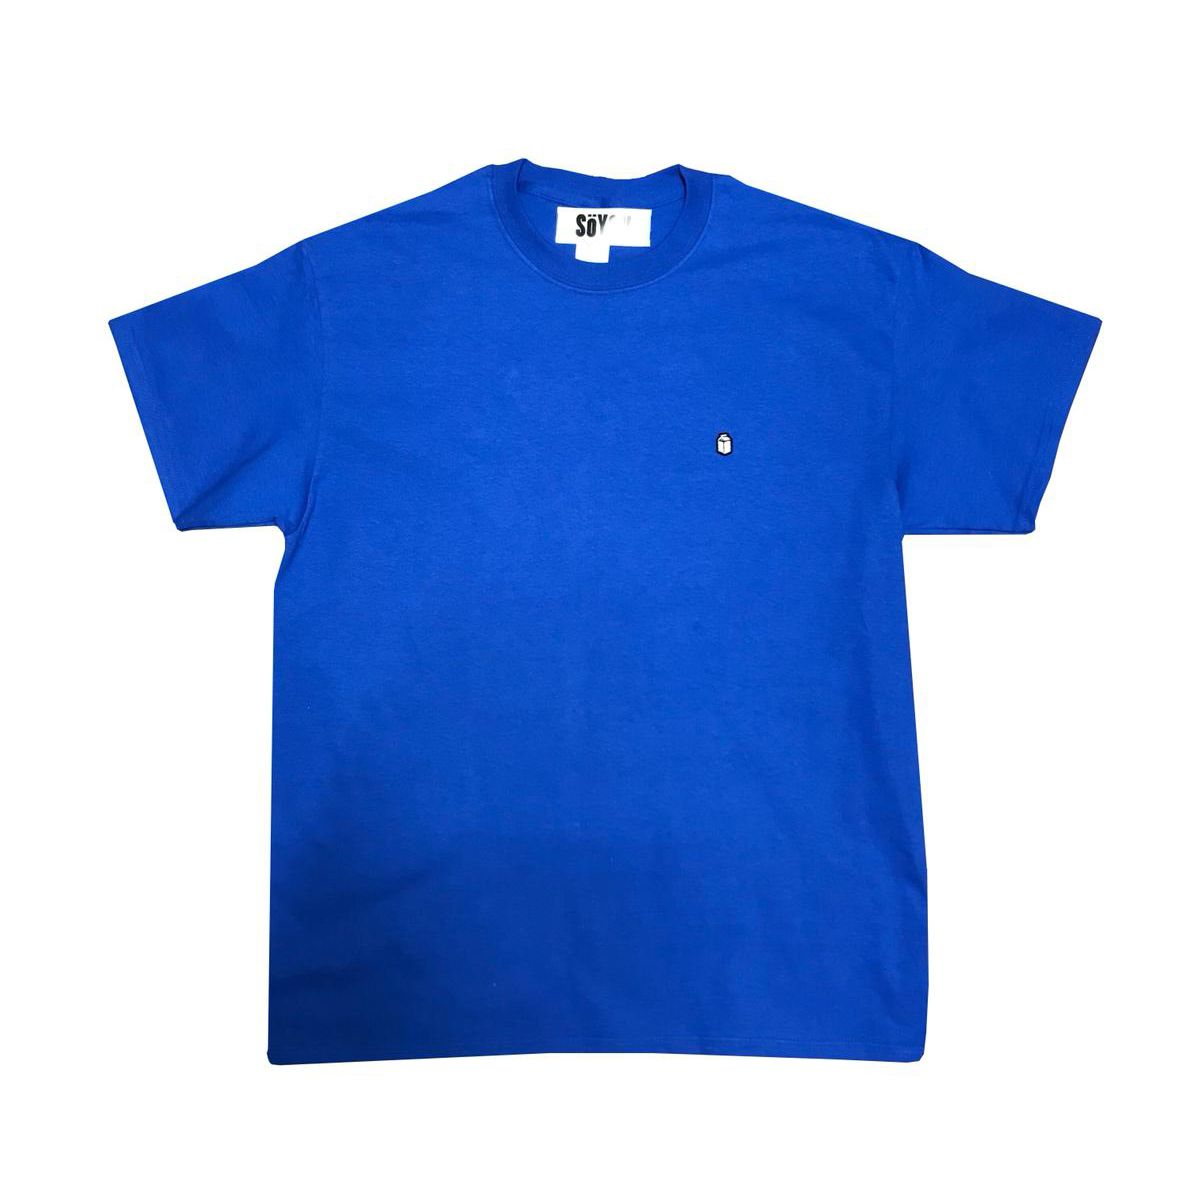 SoYou Clothing Basics T-Shirt in Azzuro Blue